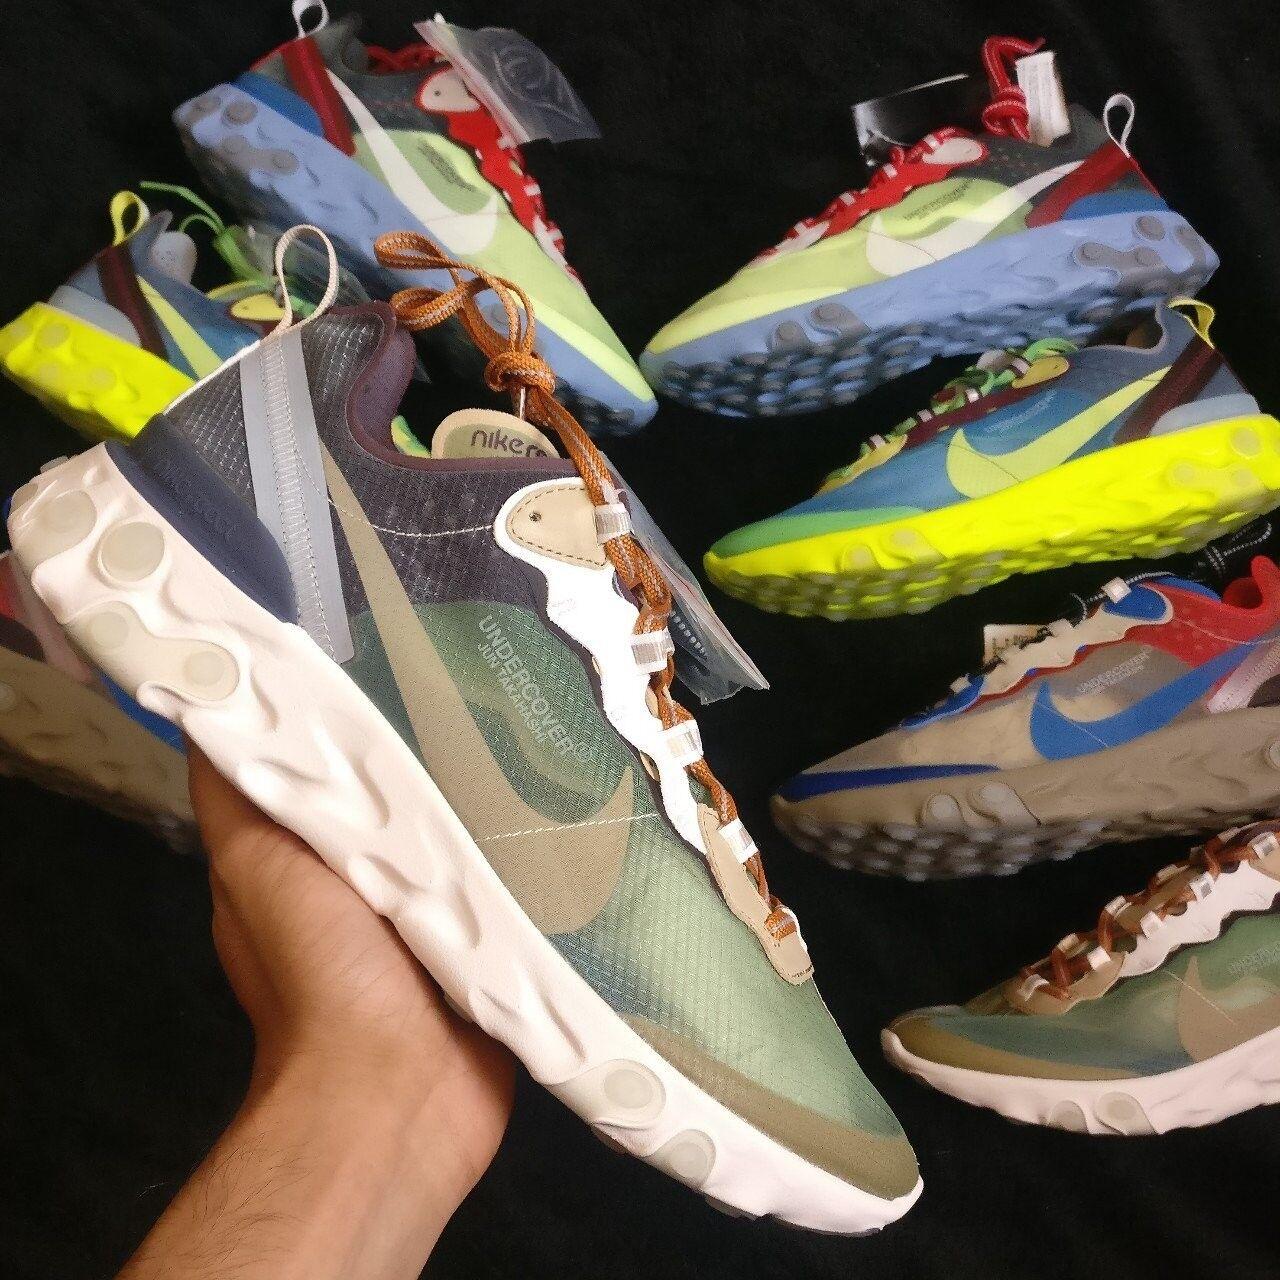 Nike X X X Undercover EleHommes t React 87 US 9.5 Green Mist | D'adopter La Technologie De Pointe  | Approvisionnement Suffisant  | Qualité Supérieure  73339a